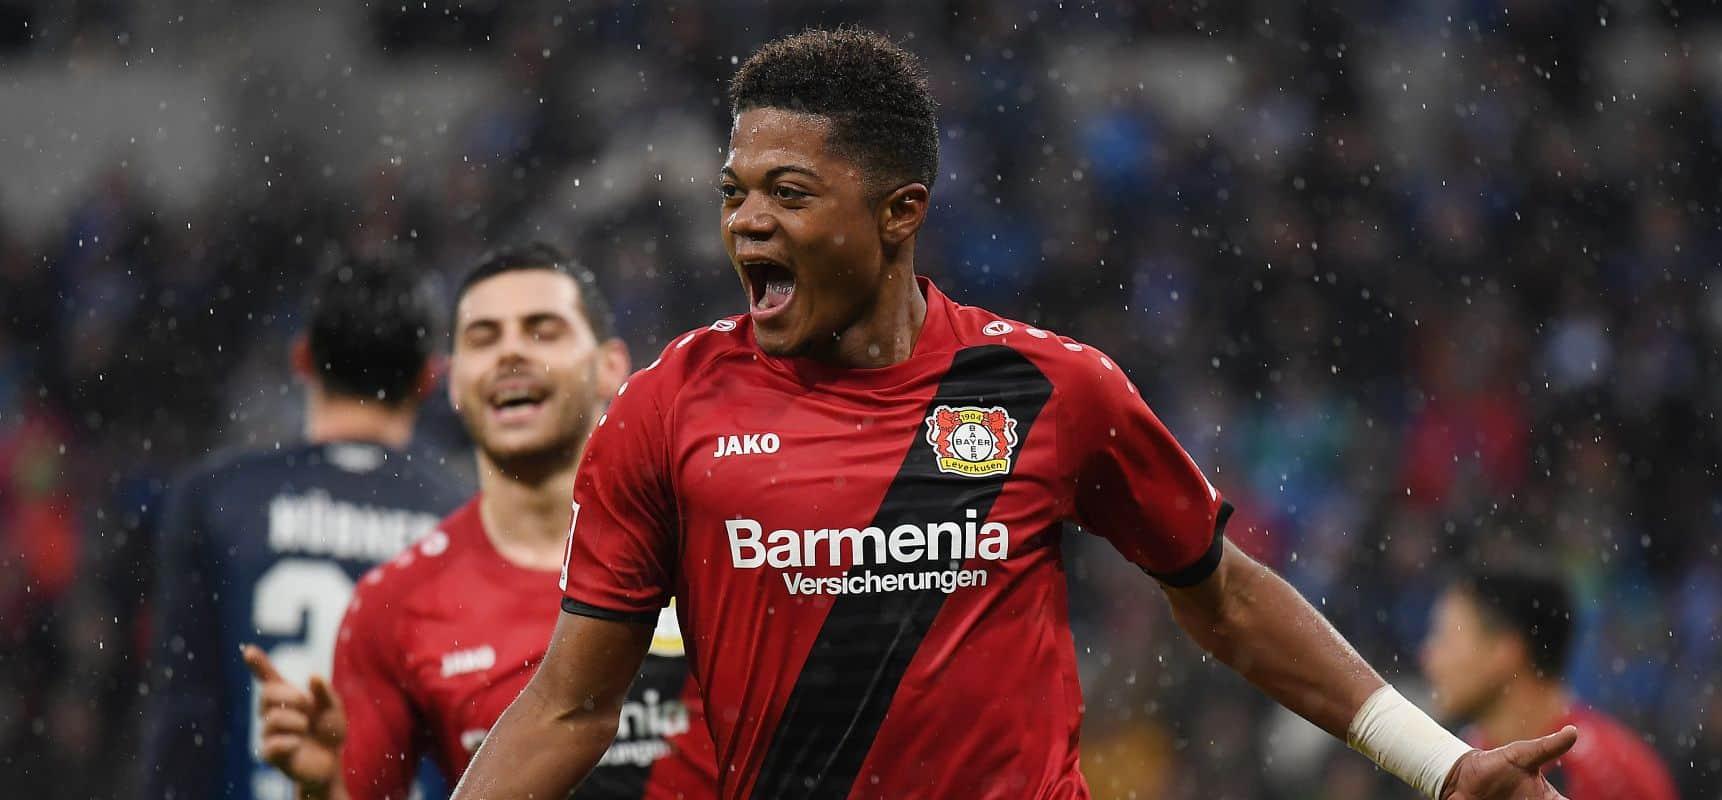 Bayer Leverkusen soccer team